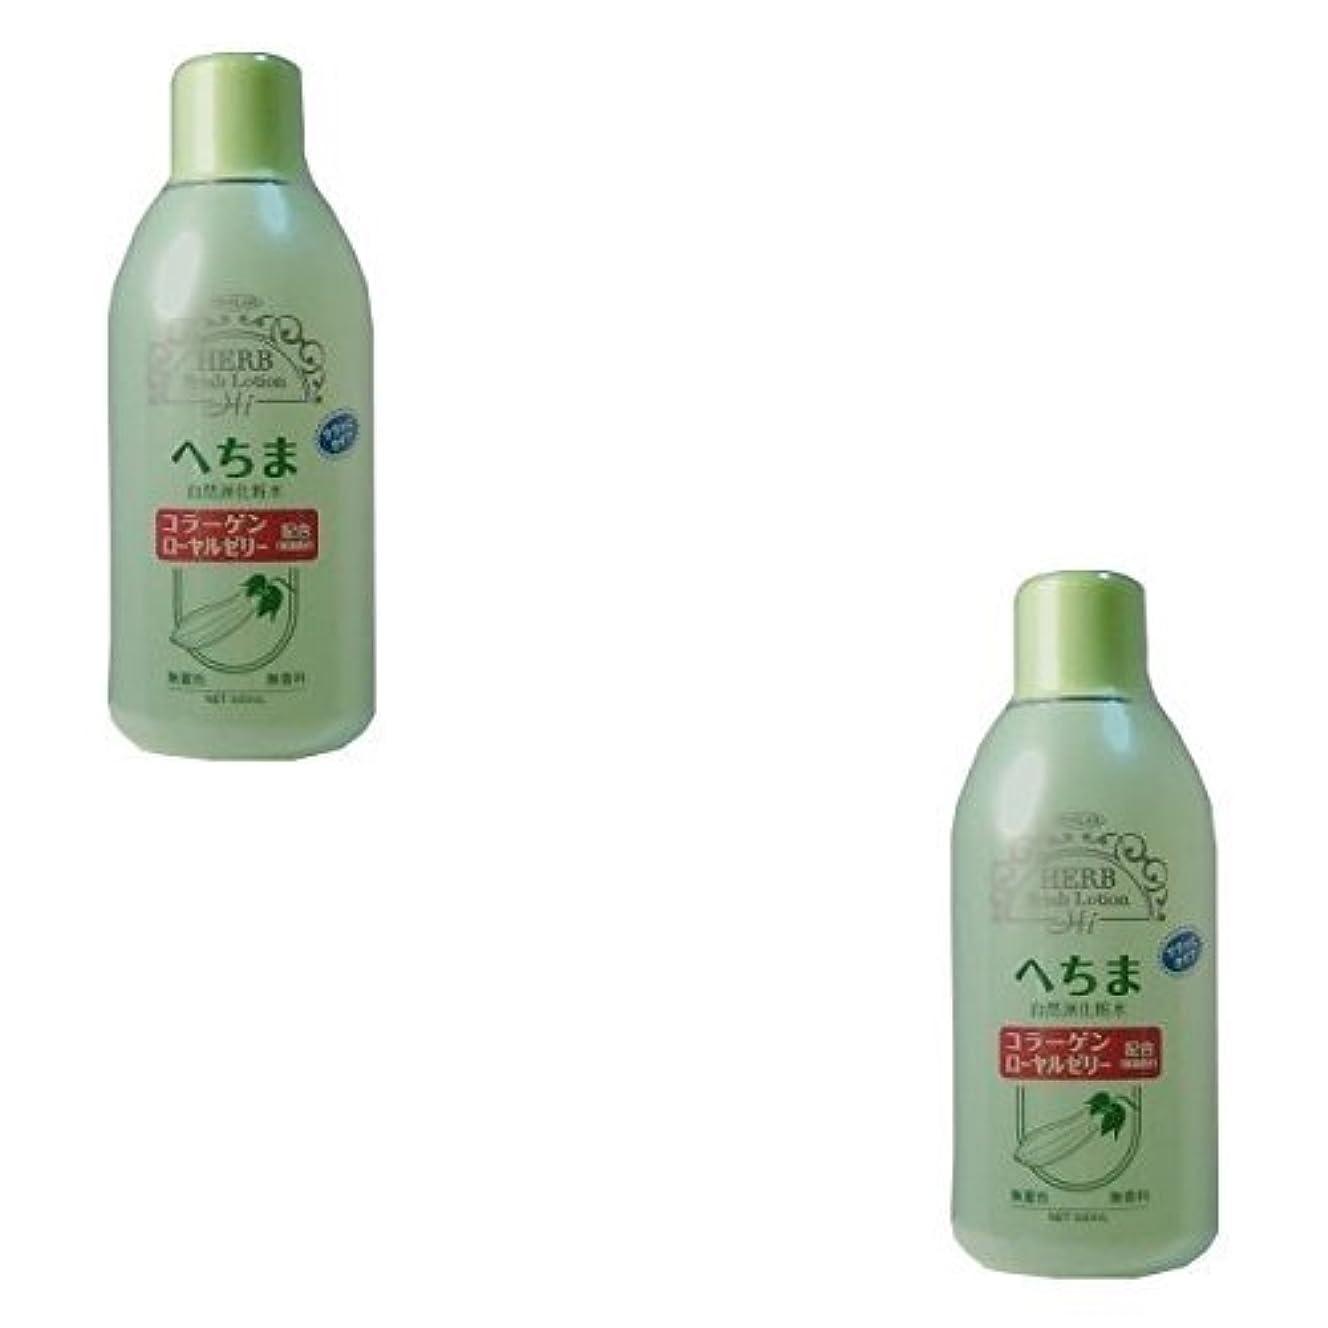 上級毛皮教会【まとめ買い】トプラン へちま化粧水 500ml【×2個】